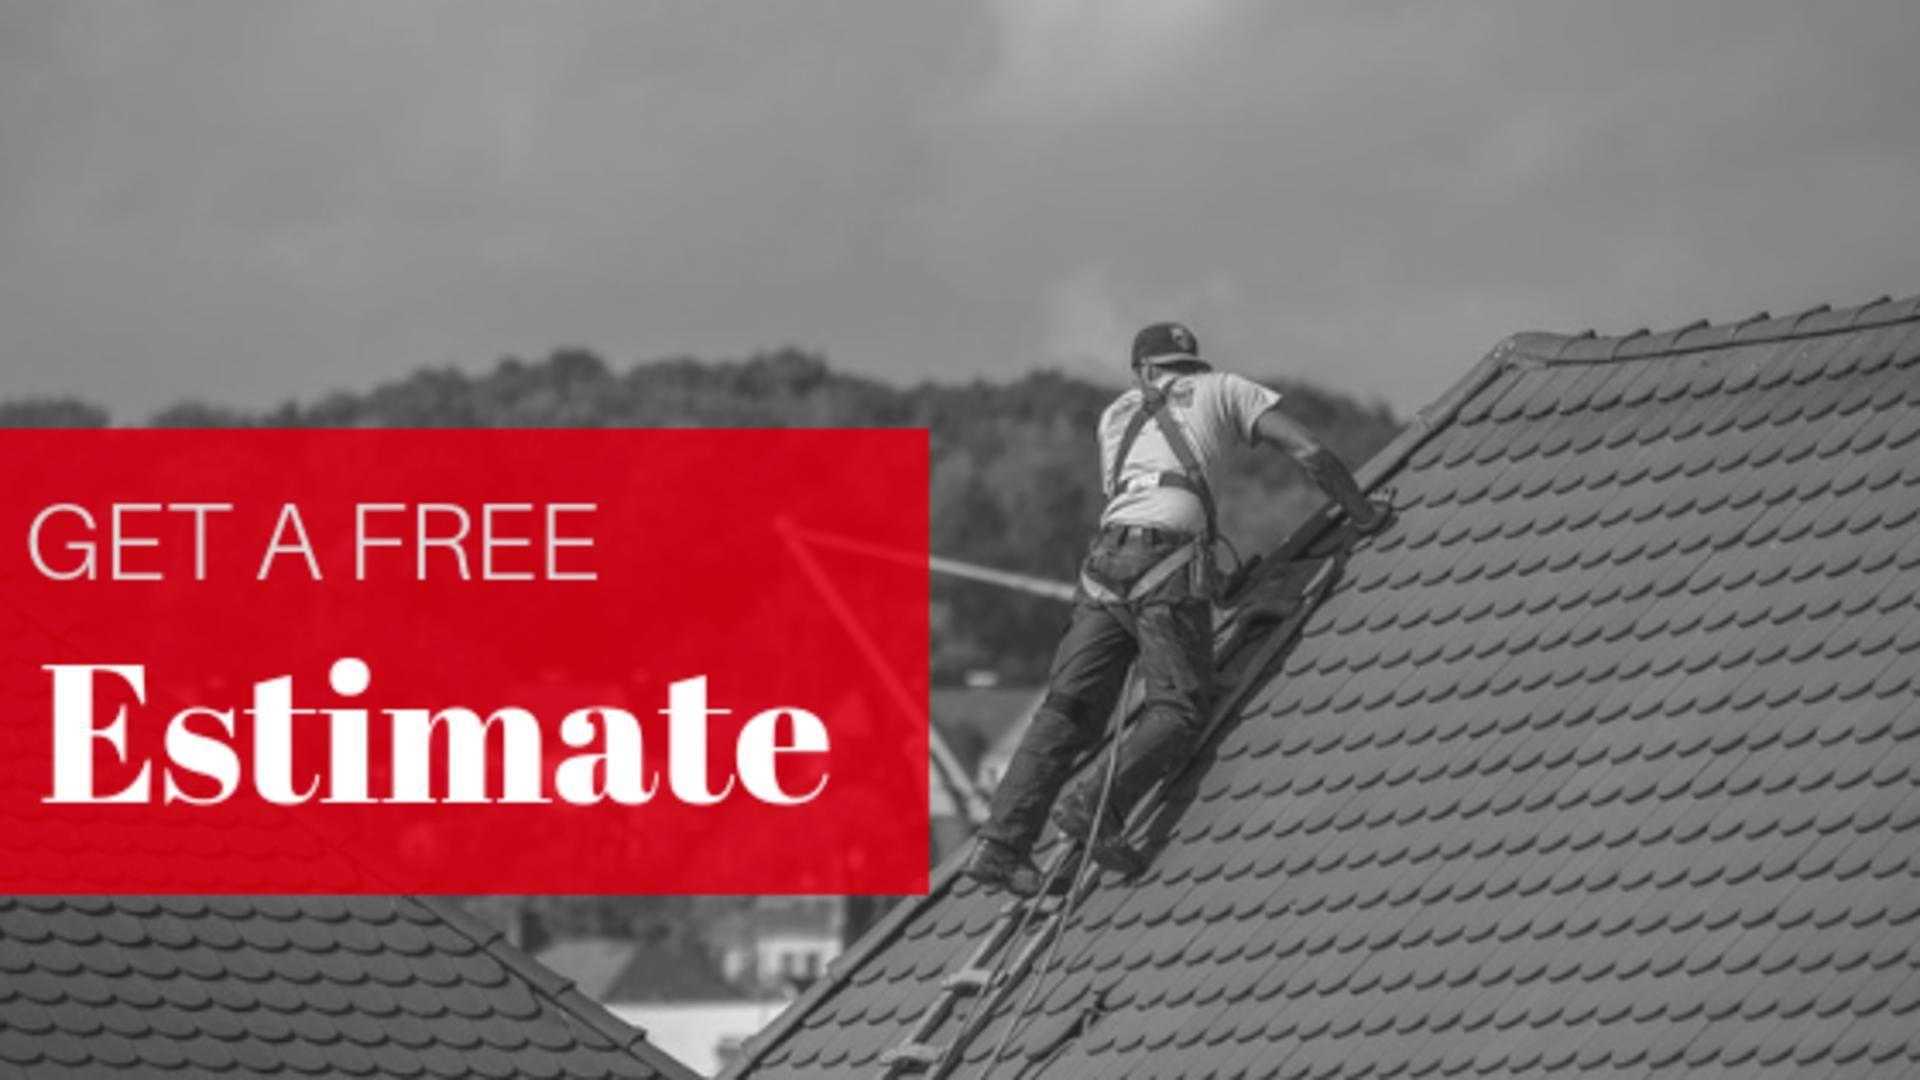 Get Free Estimates